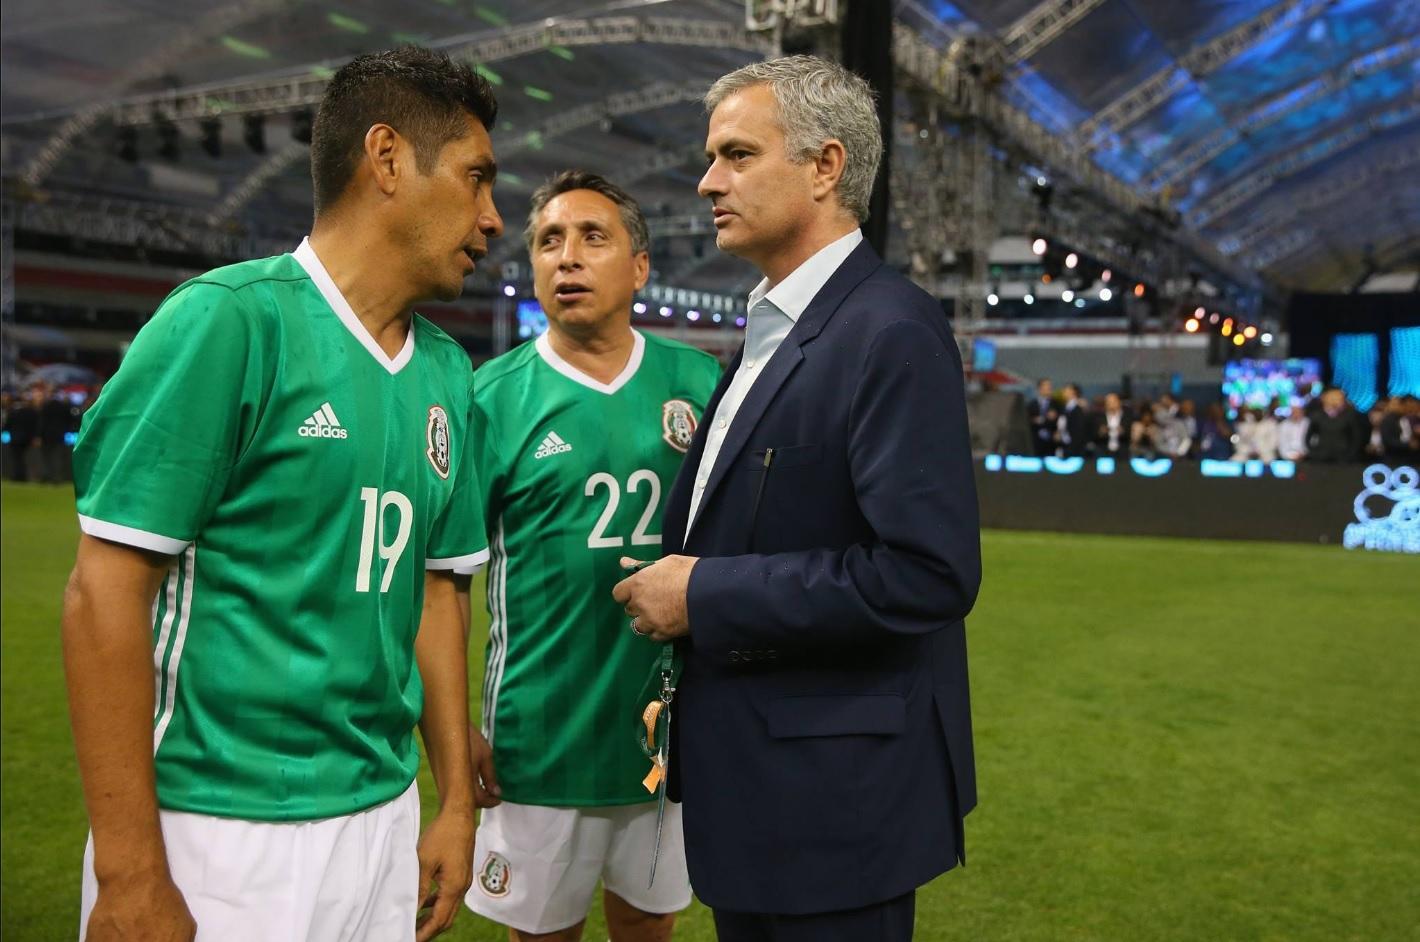 ¿Cuánto mide Jorge Campos? (El Brody) - Real height Fb2